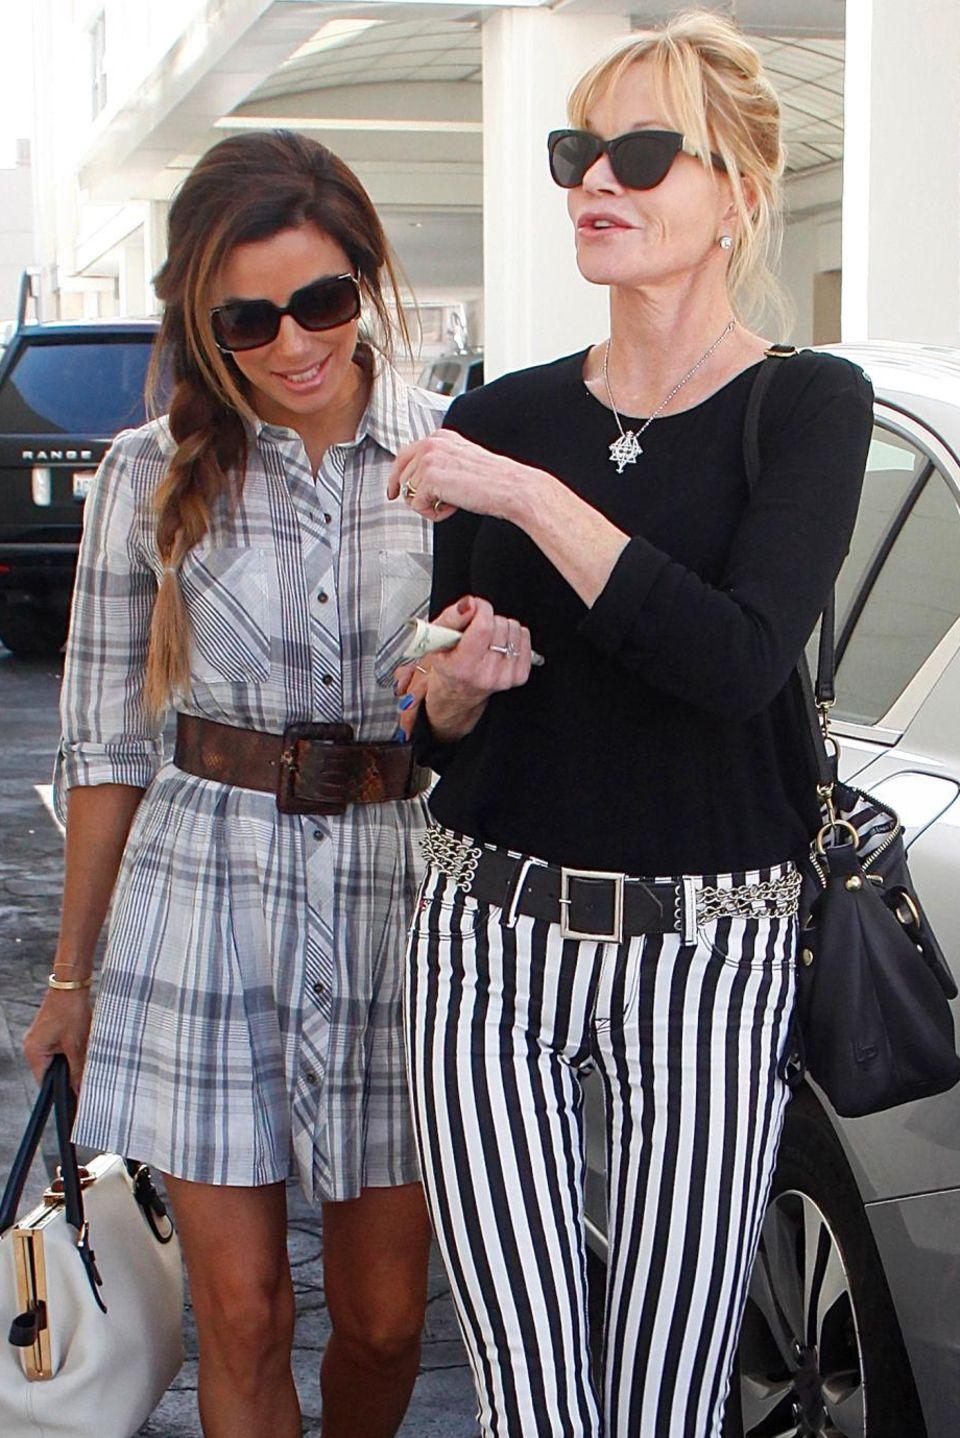 Eva Longoria und Melanie Griffith  Zwischen ihnen liegen knapp 20 Jahre Altersunterschied und dennoch verbindet Longoria und Griffith eine tiefe Freunschaft. Wie junge Teenager ziehen sie kichernd Arm in Arm durch Beverly Hills.